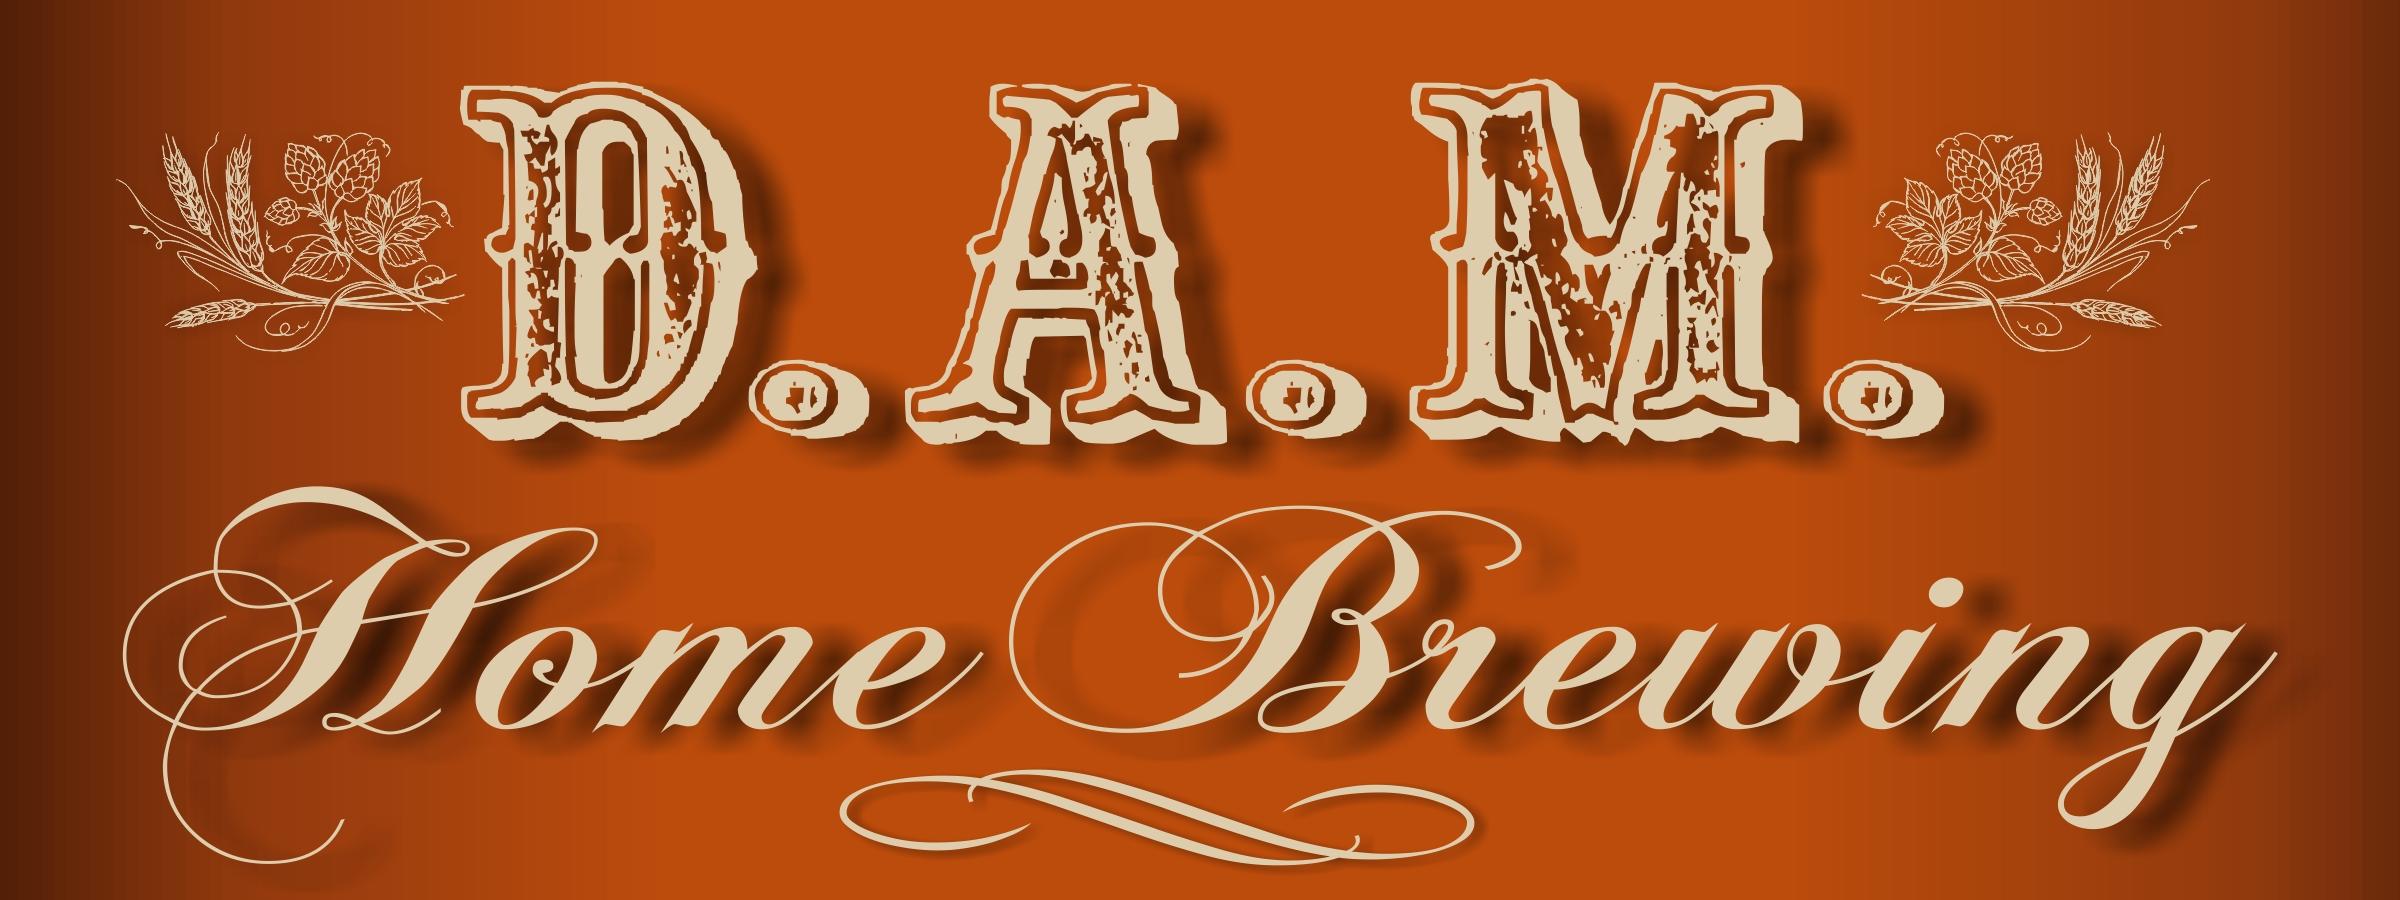 D.A.M. Brewing